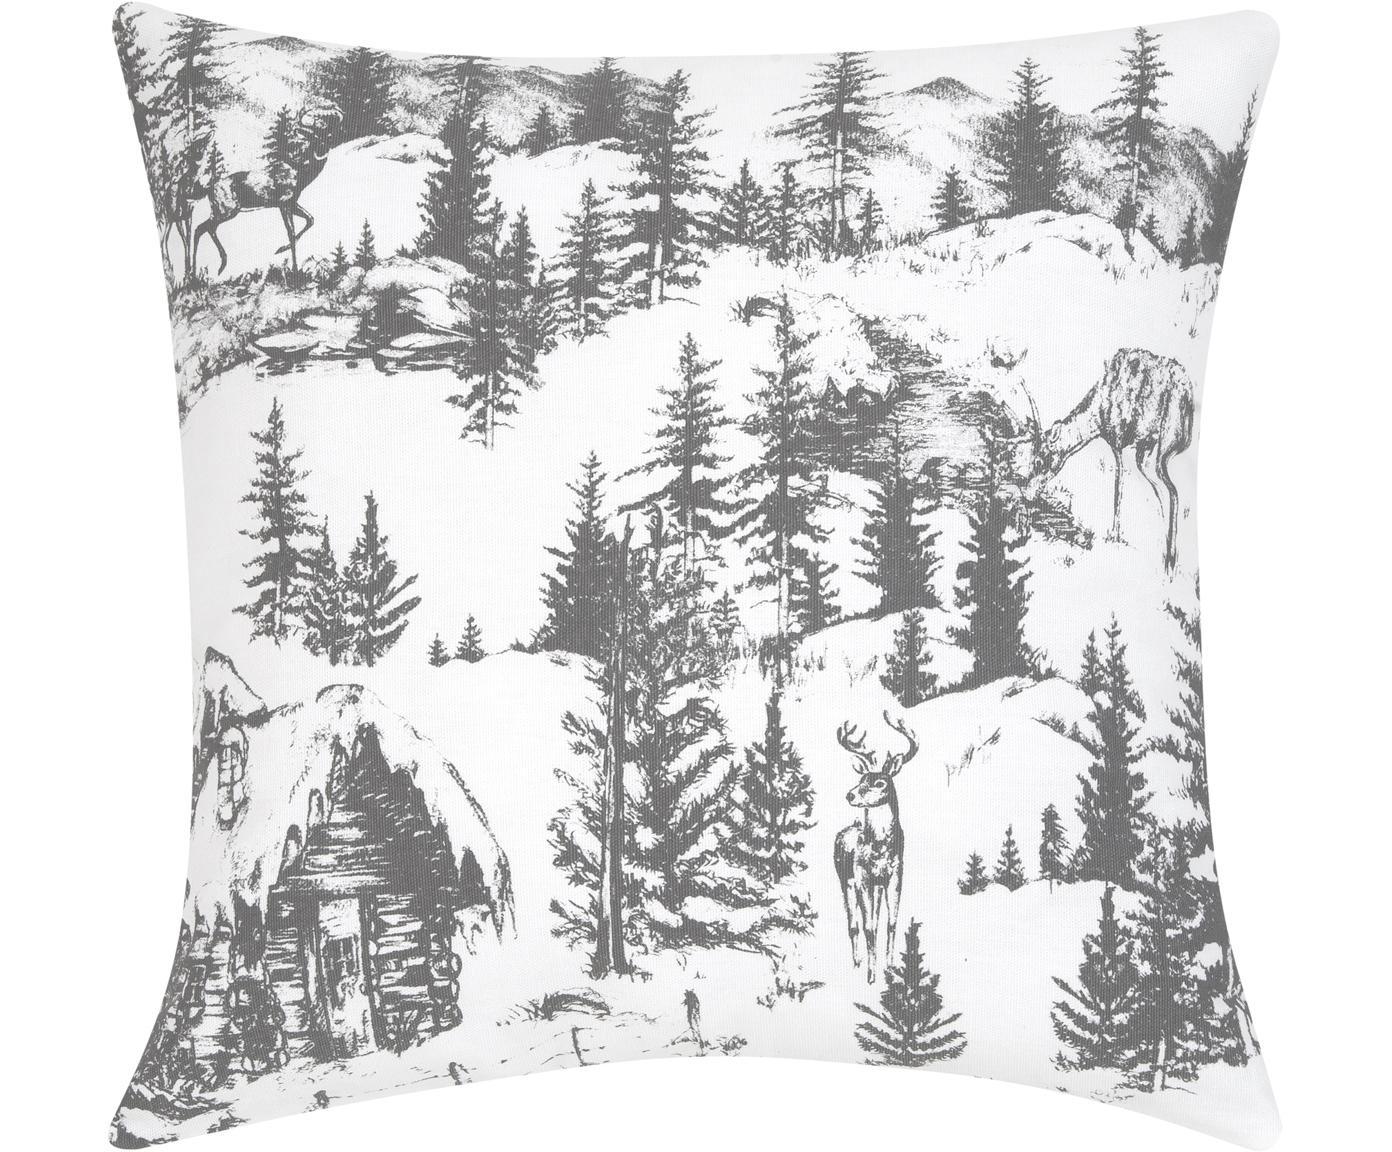 Poszewka na poduszkę Festive, Bawełna, Ciemny szary, biały, S 40 x D 40 cm